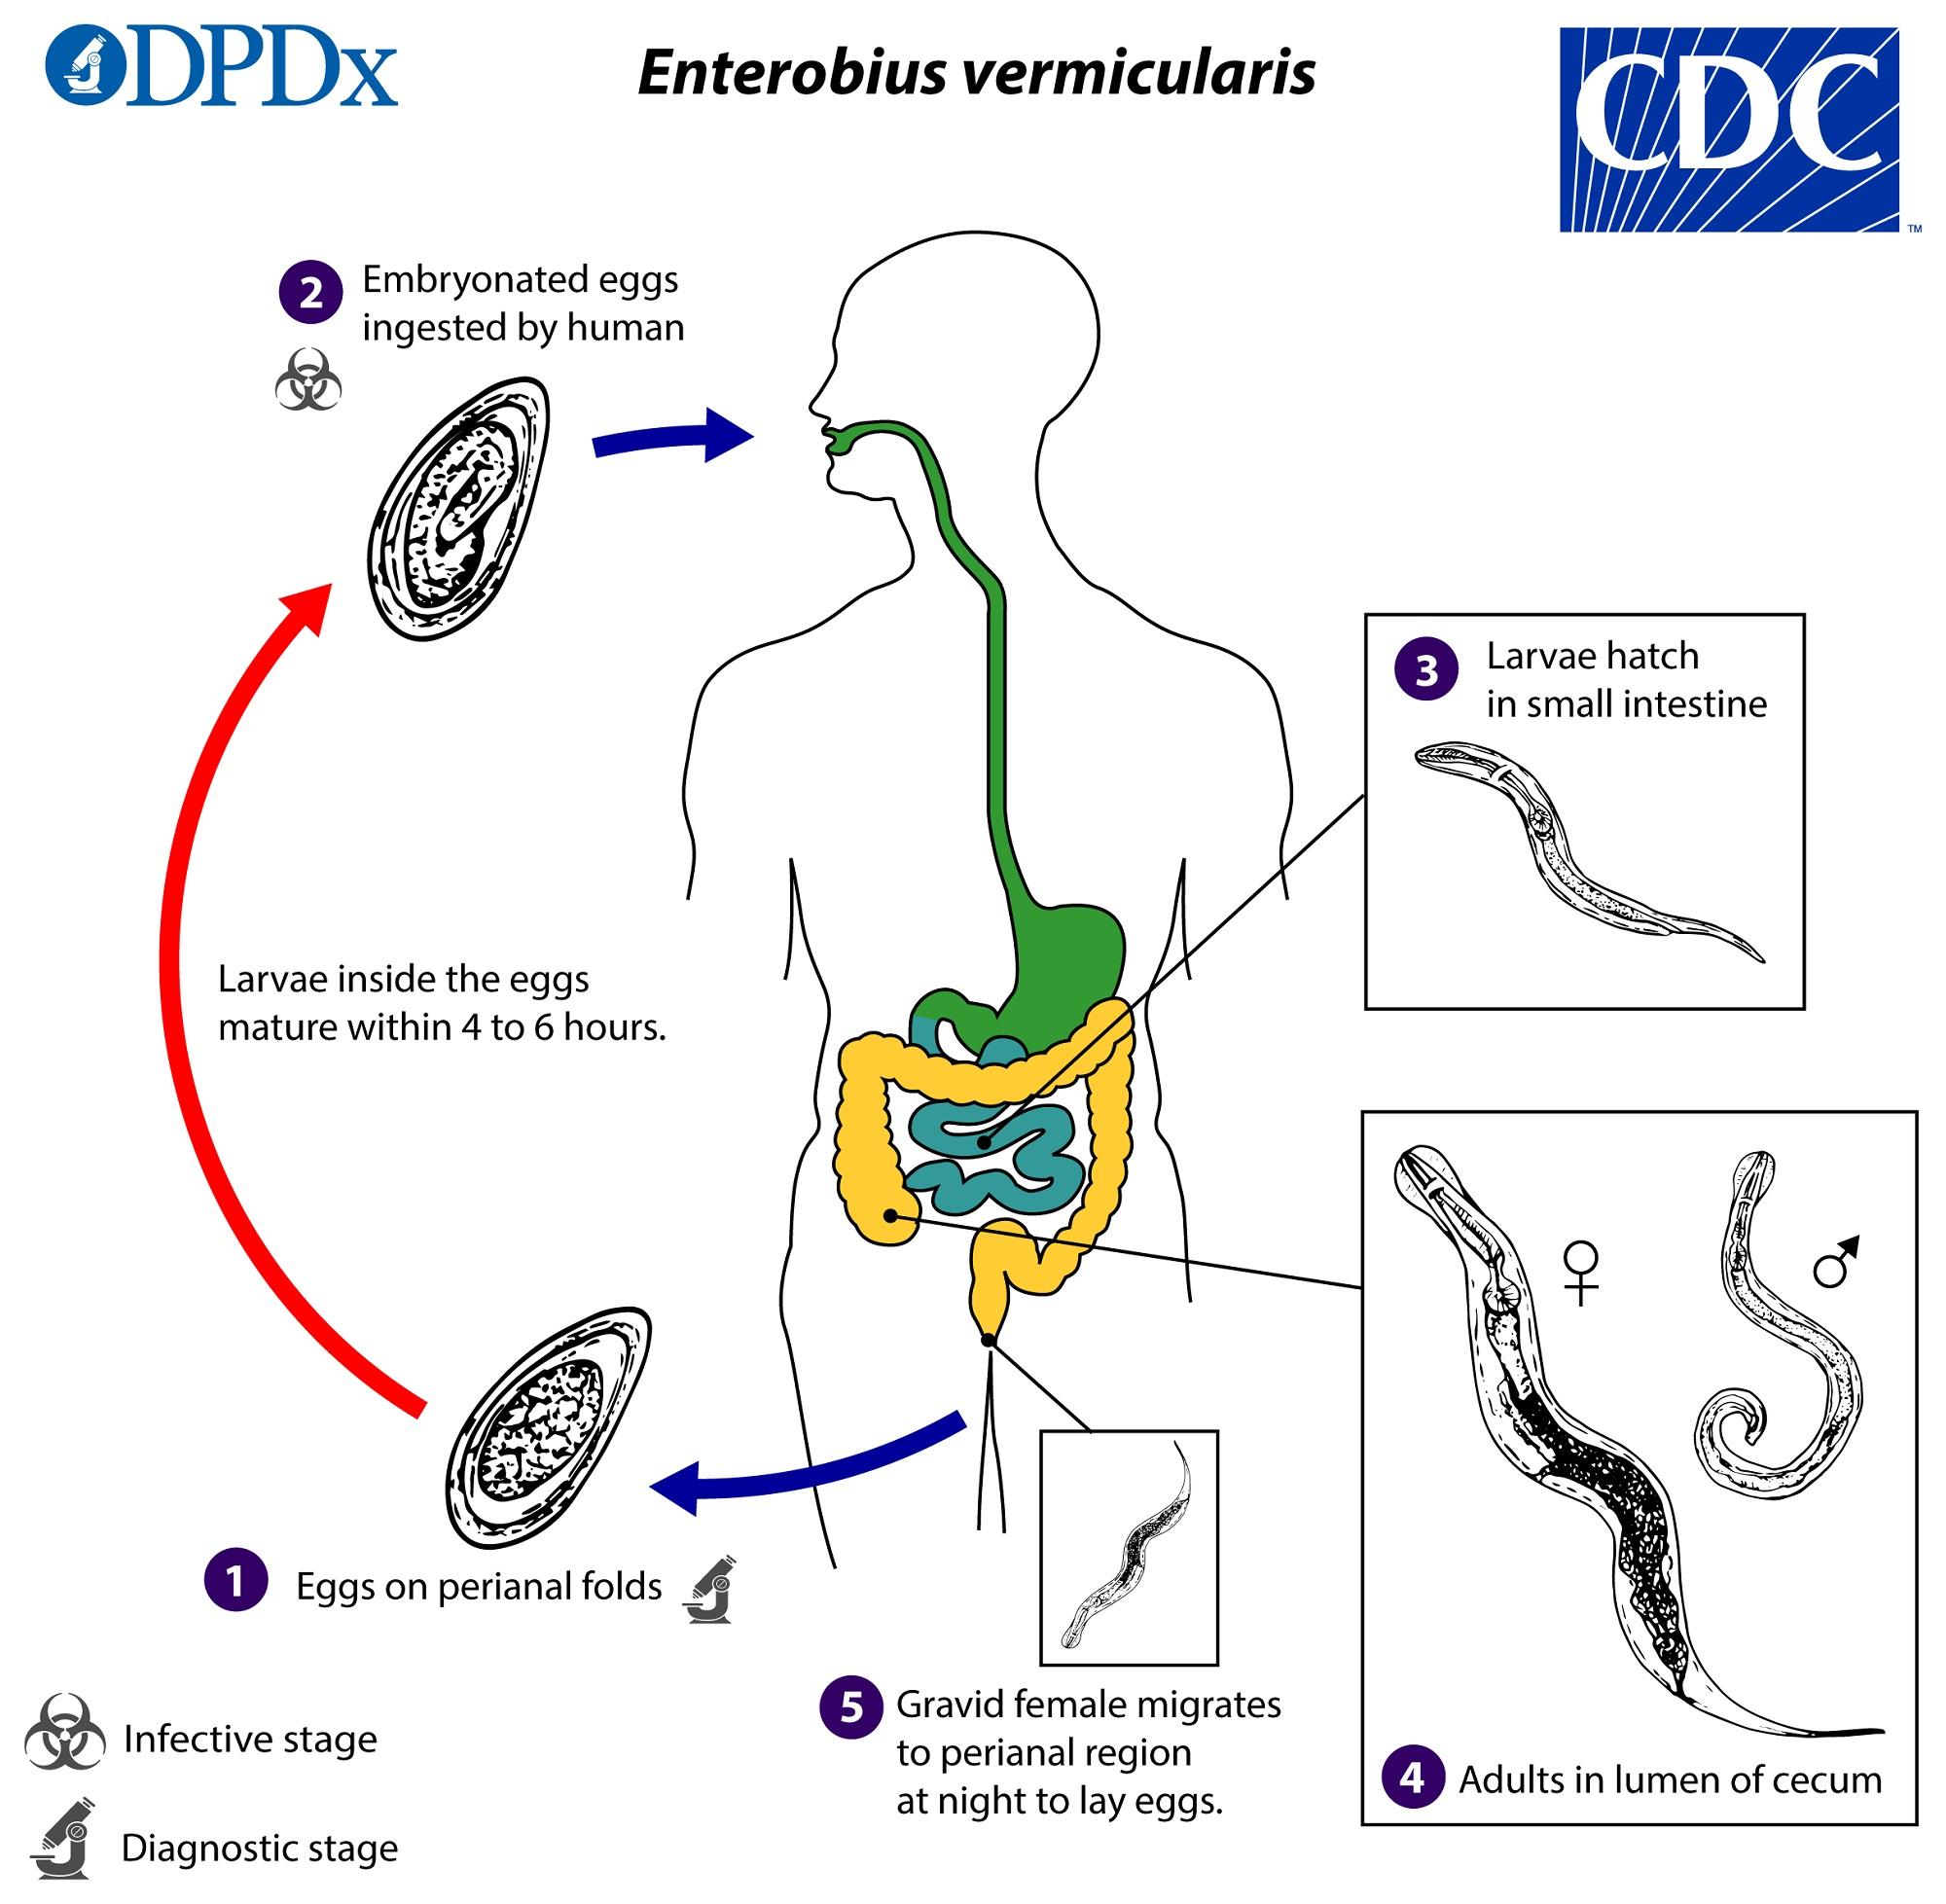 emberi papillomavírus fertőzés nők egészsége